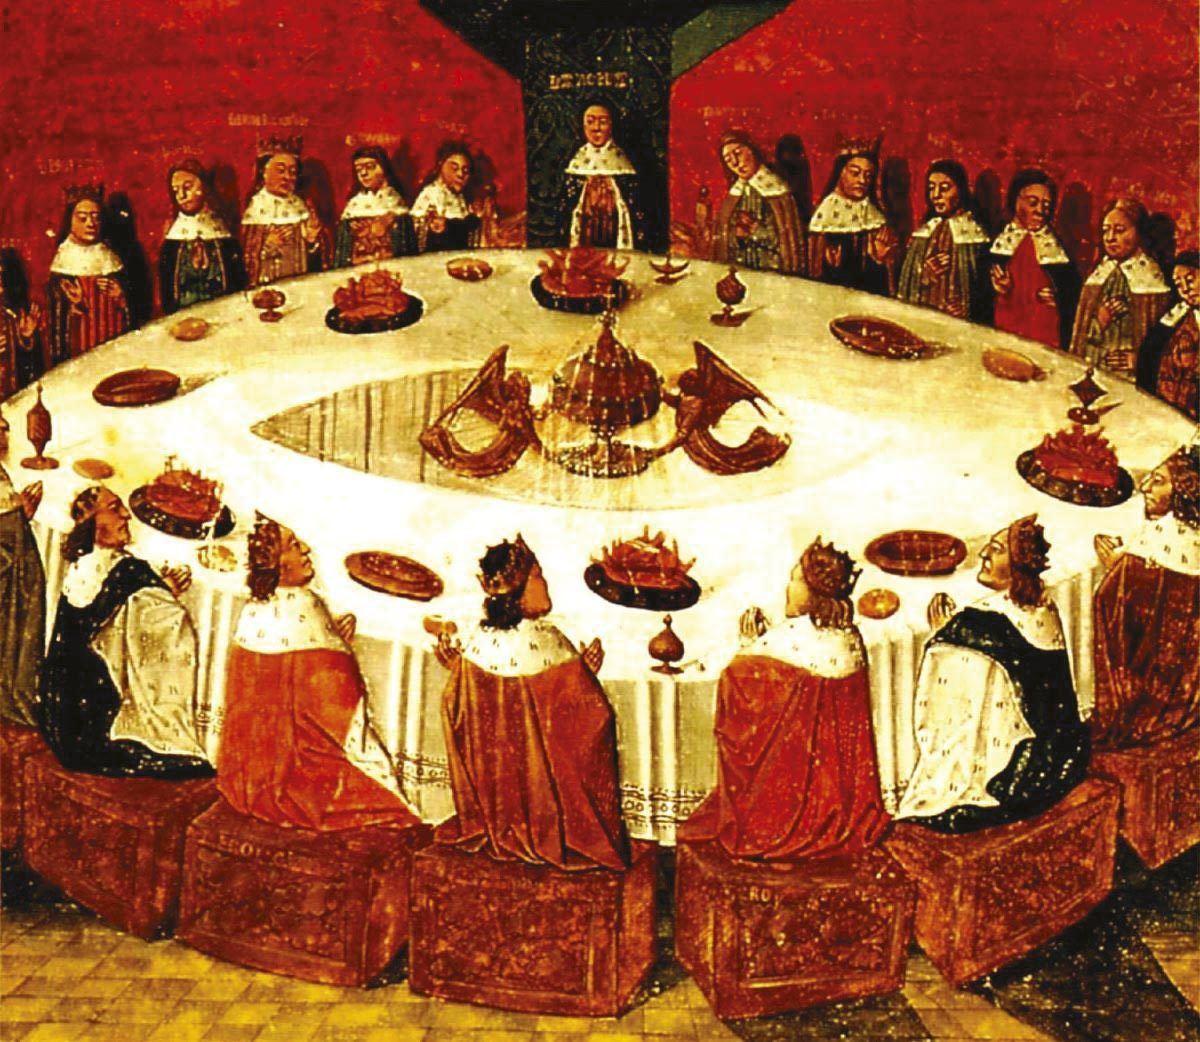 Le roi arthur et les chevaliers de la table ronde - Expose sur les chevaliers de la table ronde ...